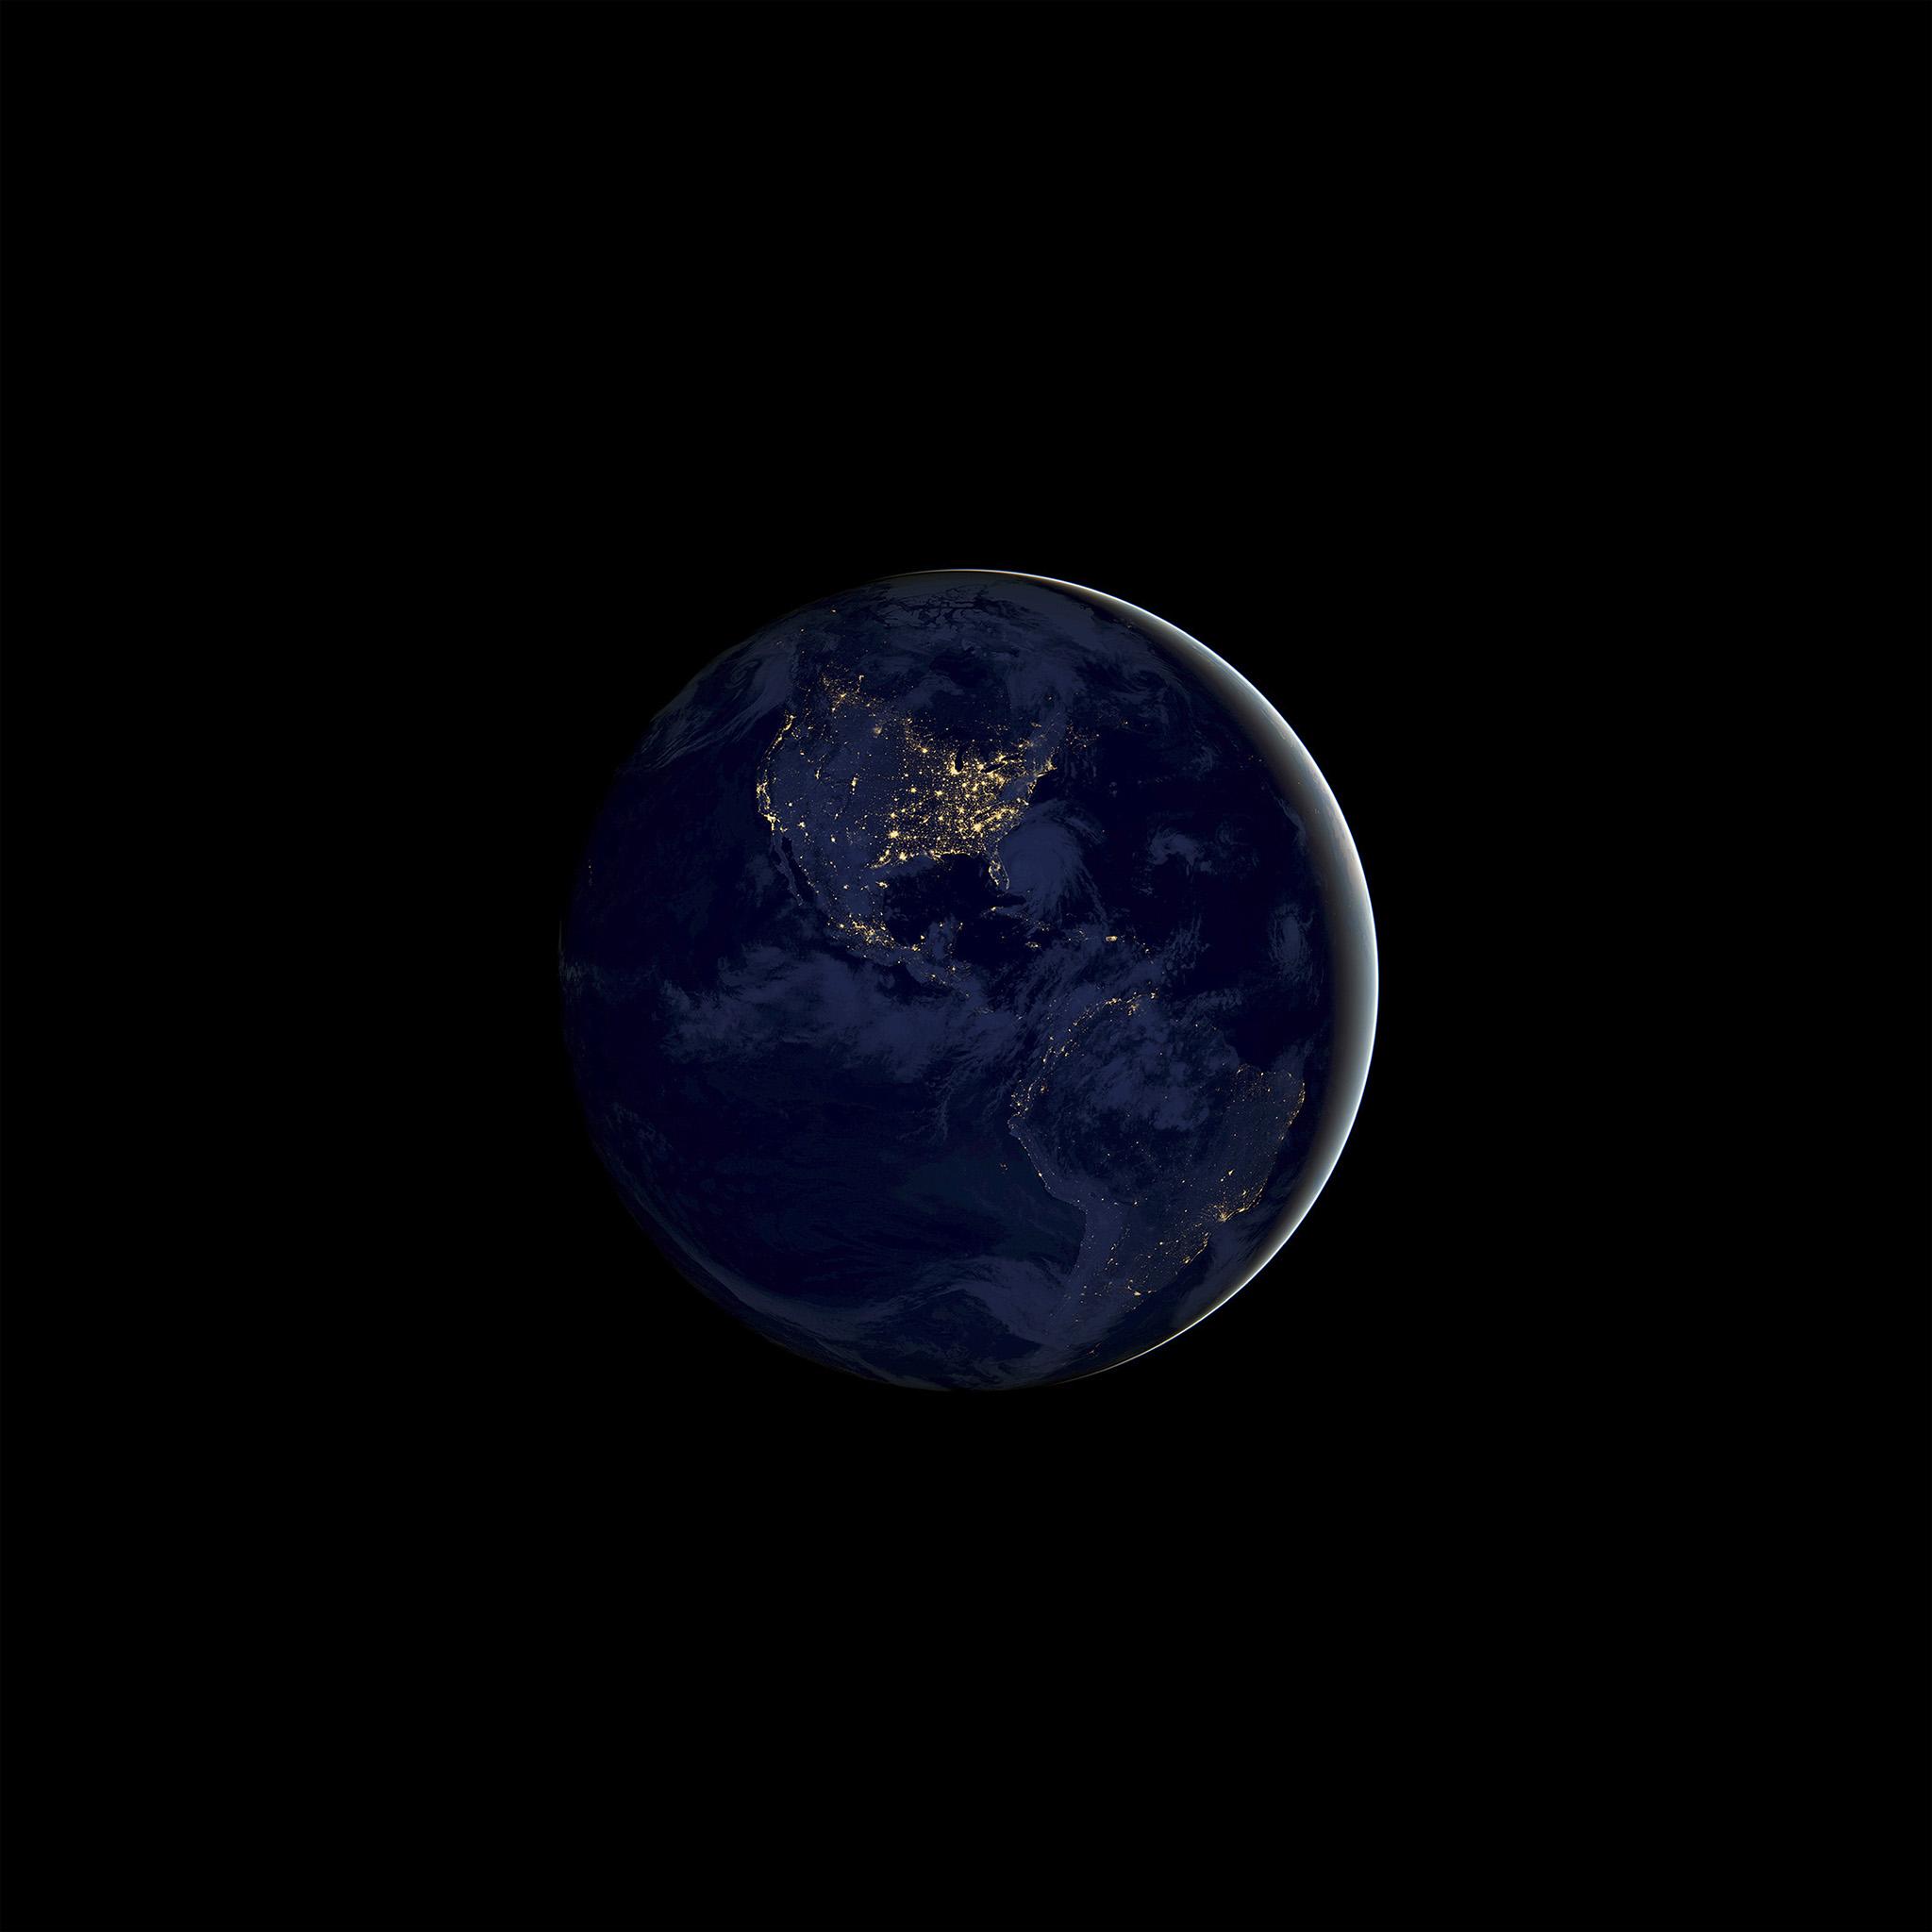 Bd20-earth-space-dark-night-art-illustration-wallpaper